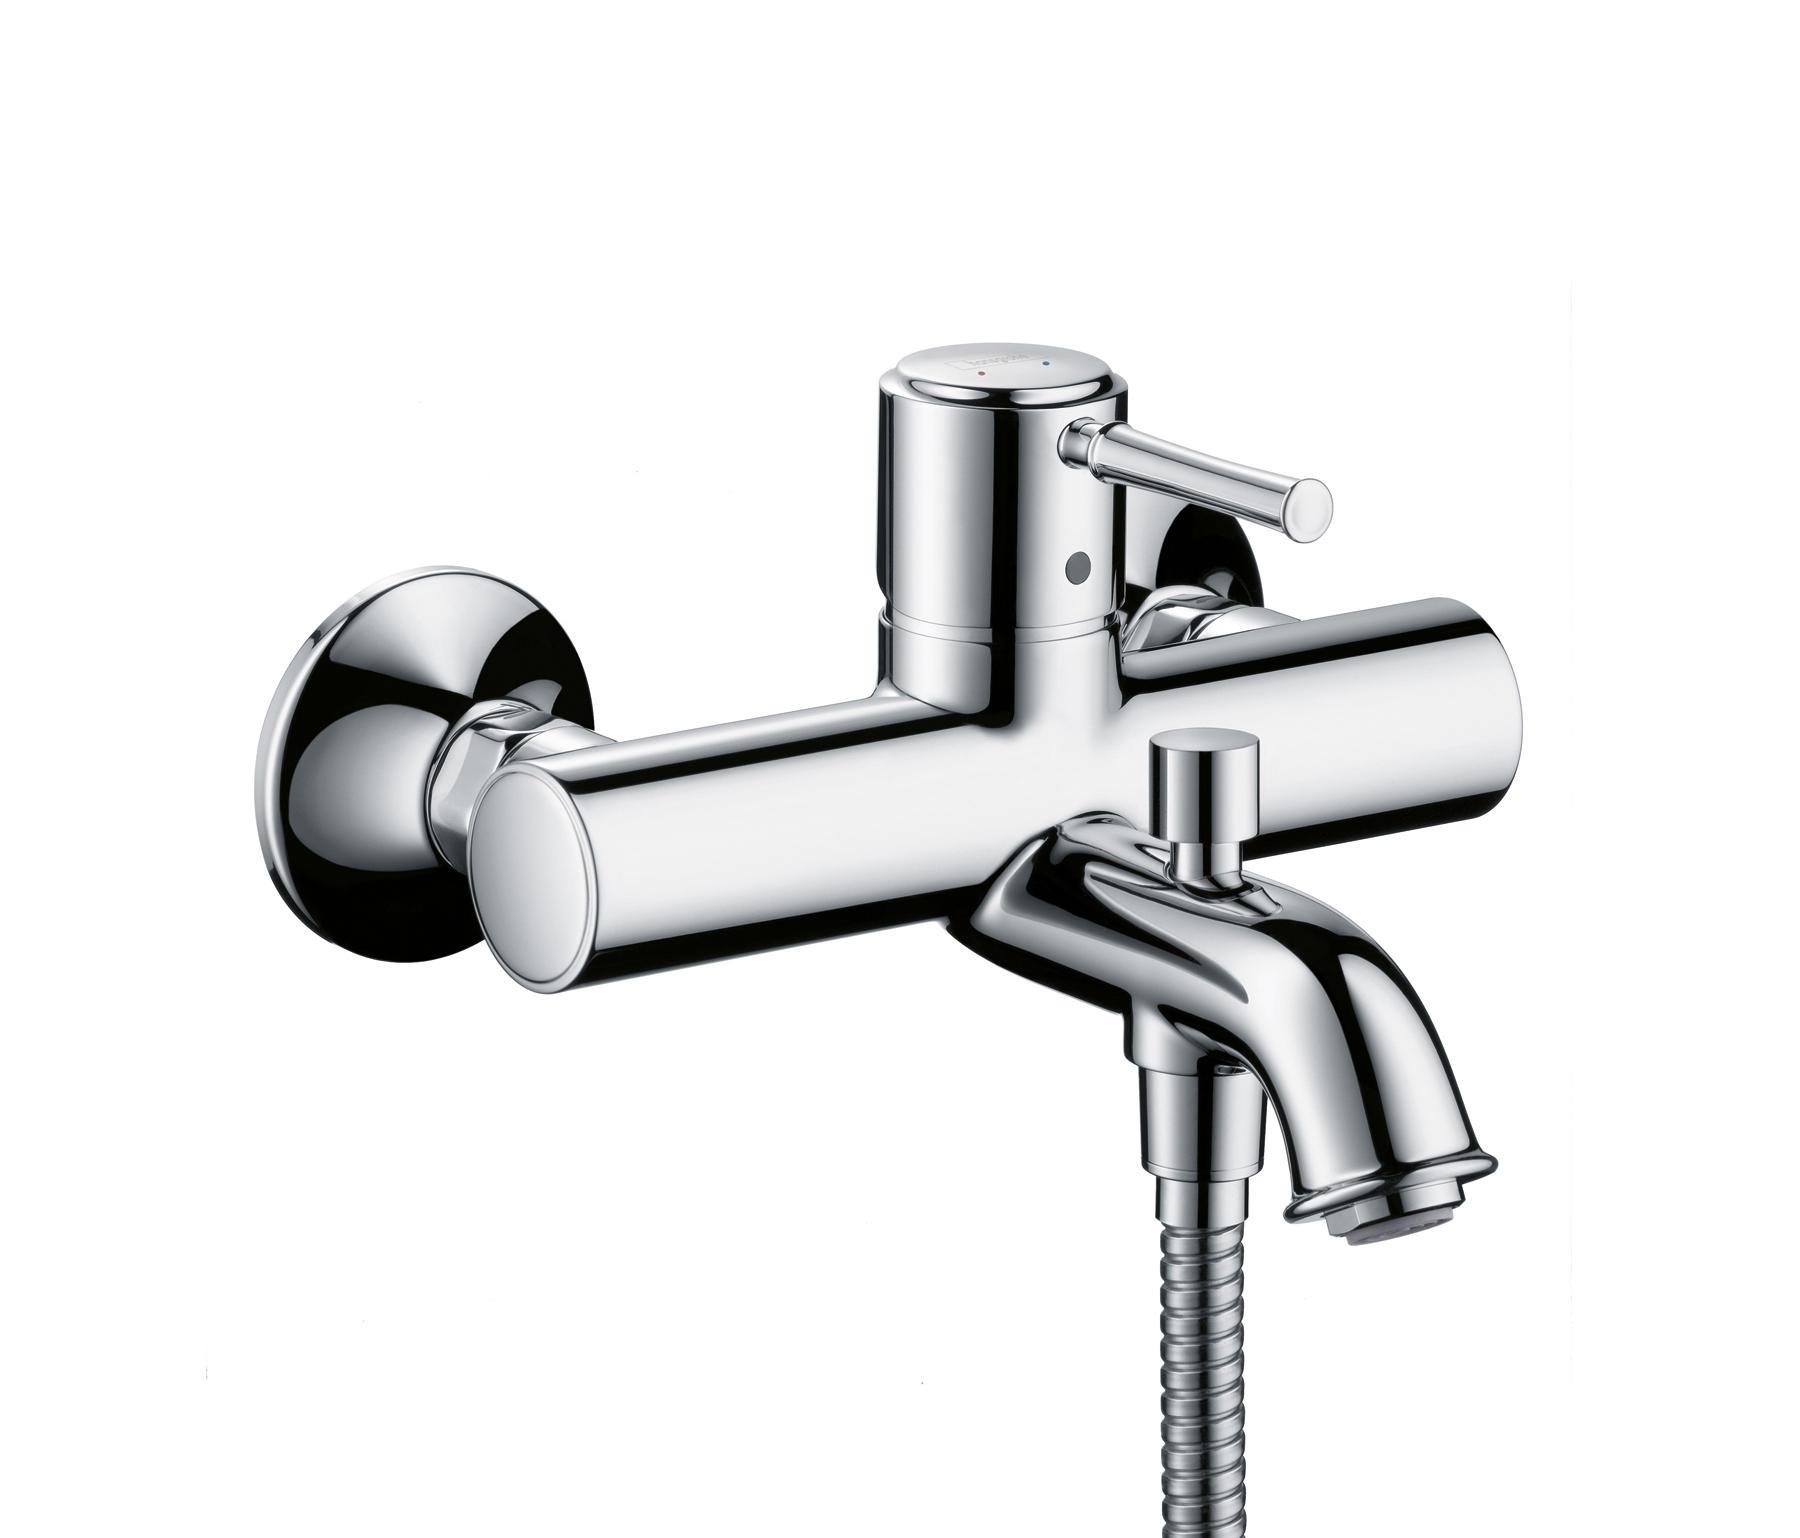 Hansgrohe talis classic single lever bath mixer dn15 Griferia hansgrohe precios